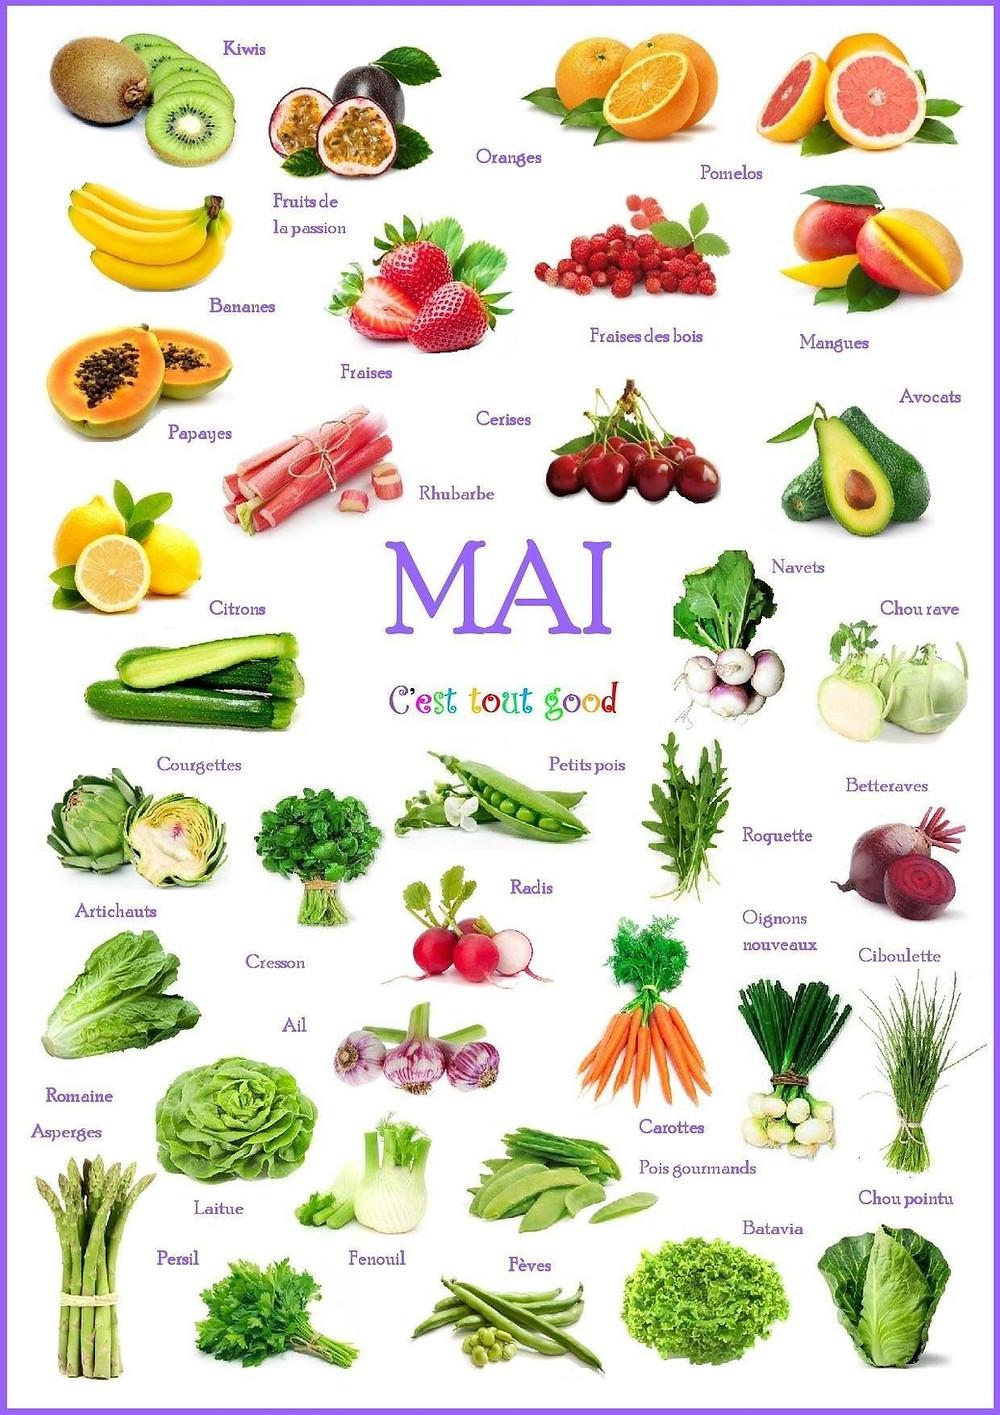 Laure Sapey - Naturopathe Lyon Grenoble | Fruits et Légumes de saison du mois de mai